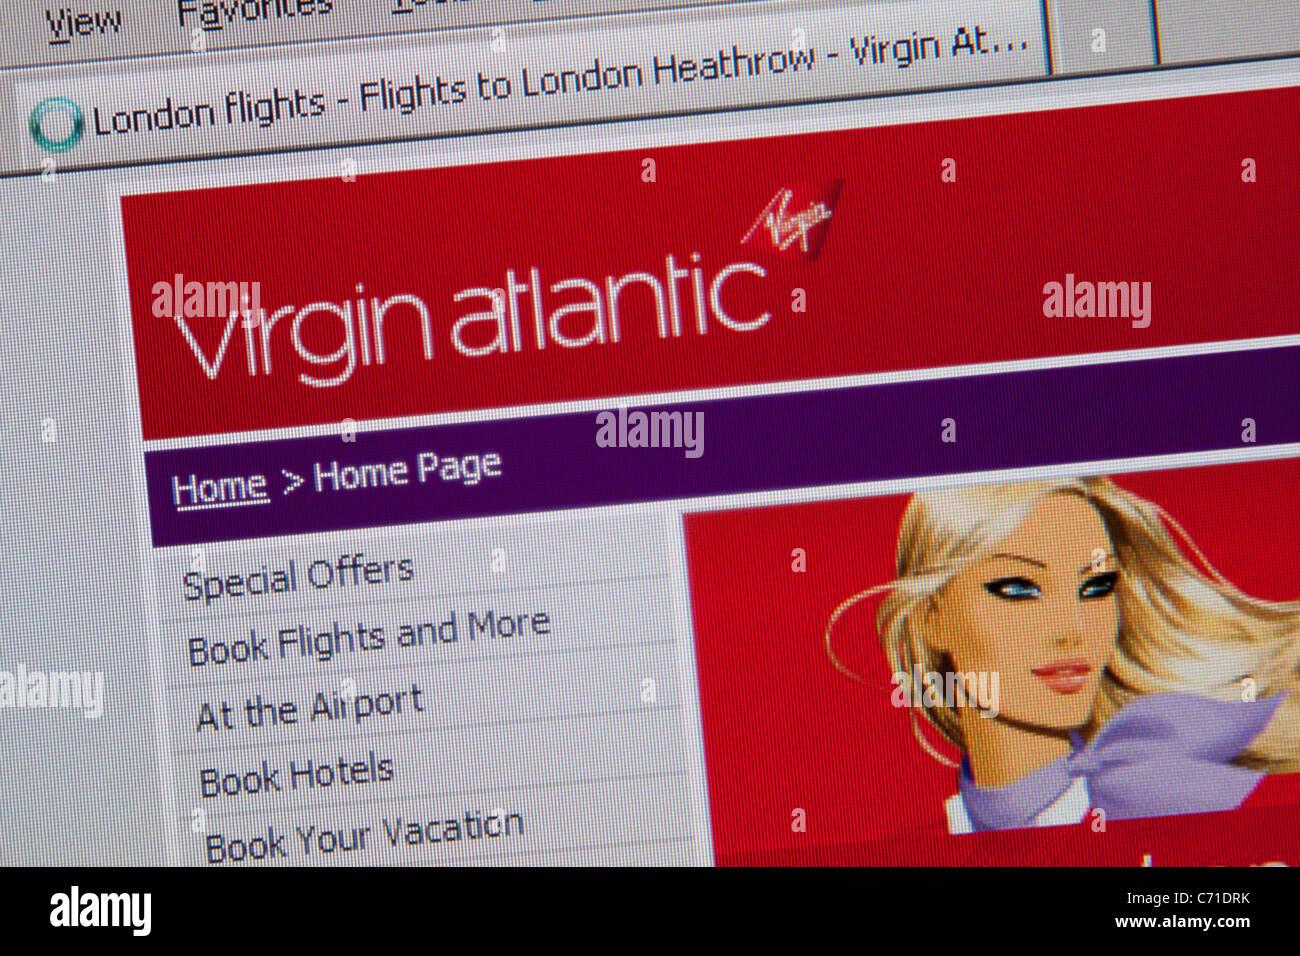 Billet de vol en ligne de Virgin Atlantic Photo Stock